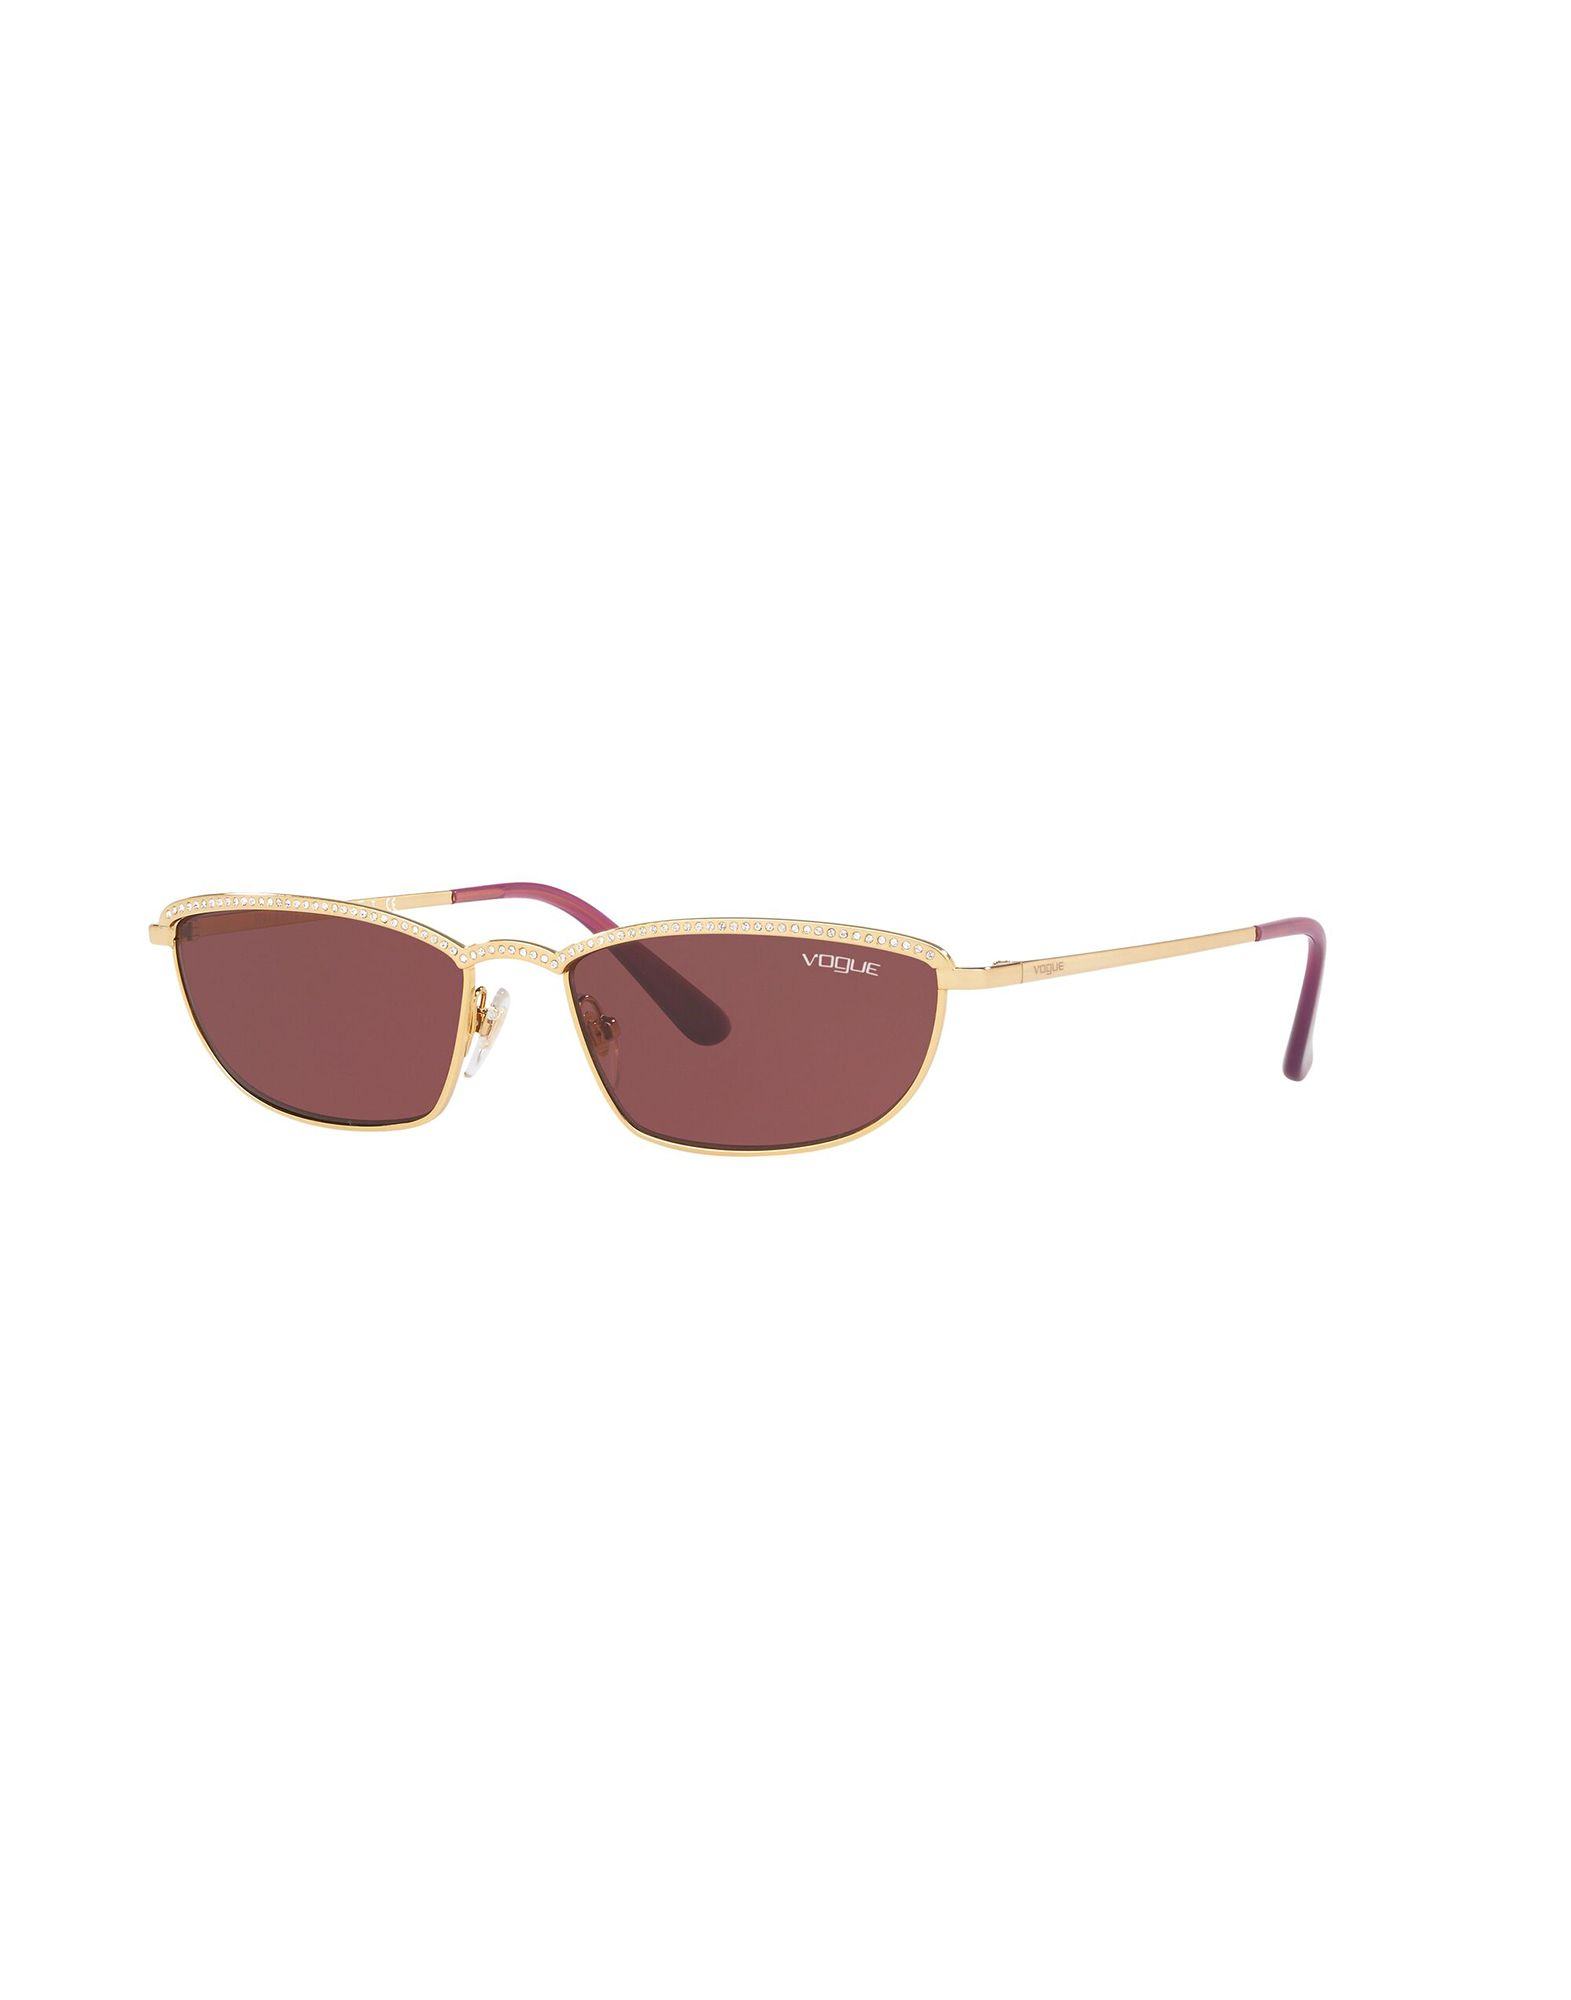 GIGI HADID for VOGUE Солнечные очки воск gigi